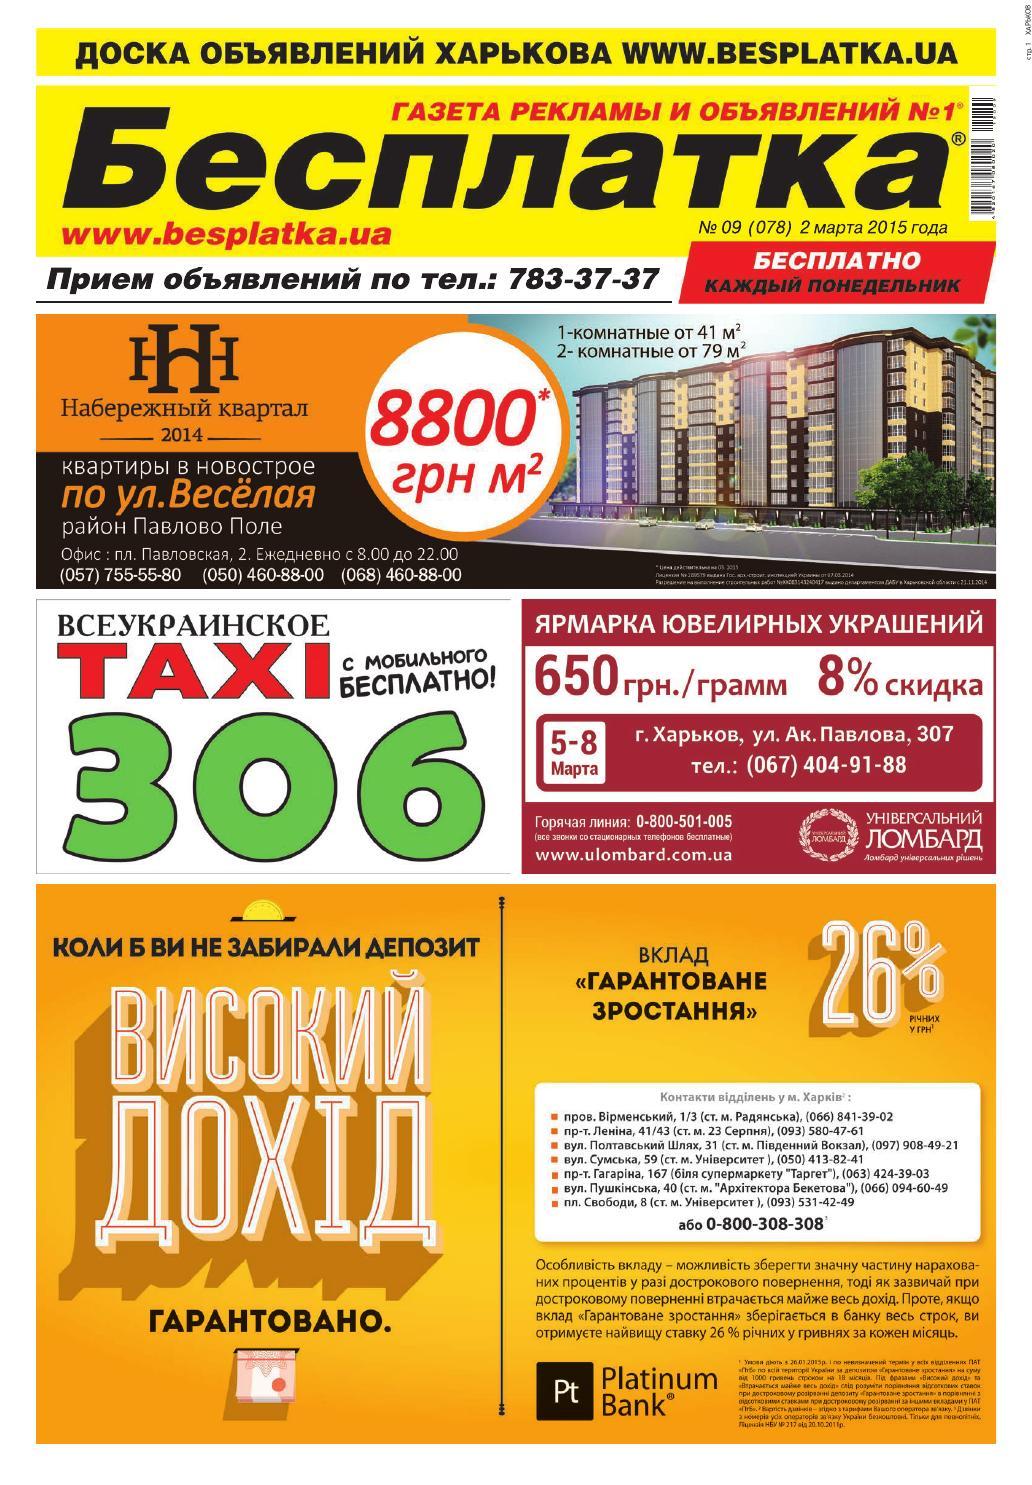 toshiba fd-9859 инструкция на русском языке